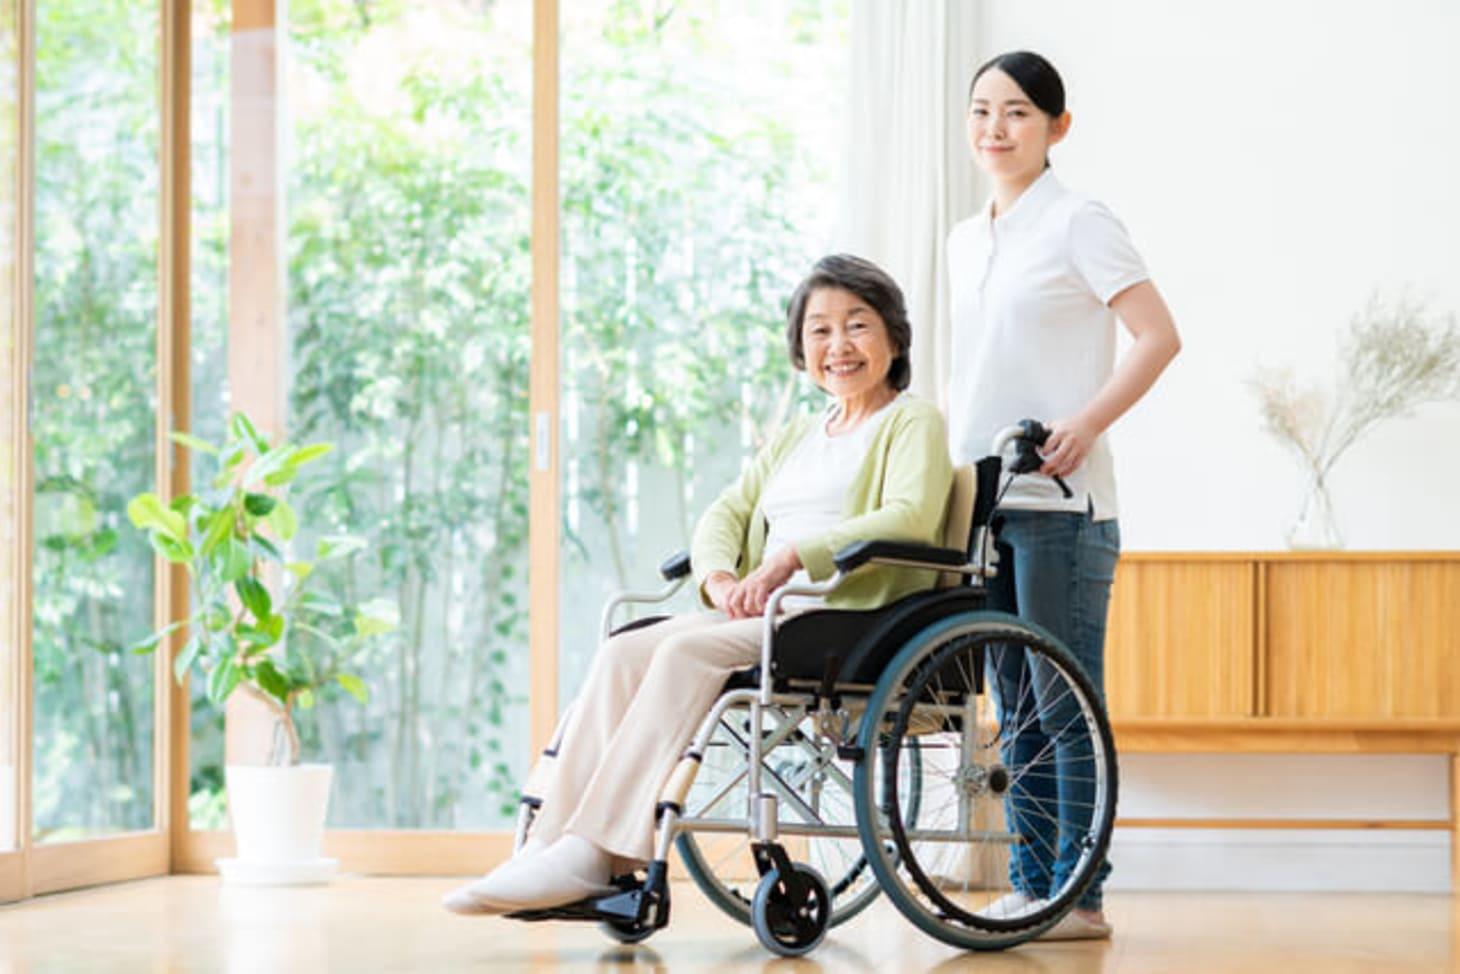 特別養護老人ホーム(特養)の機能訓練指導員とは?